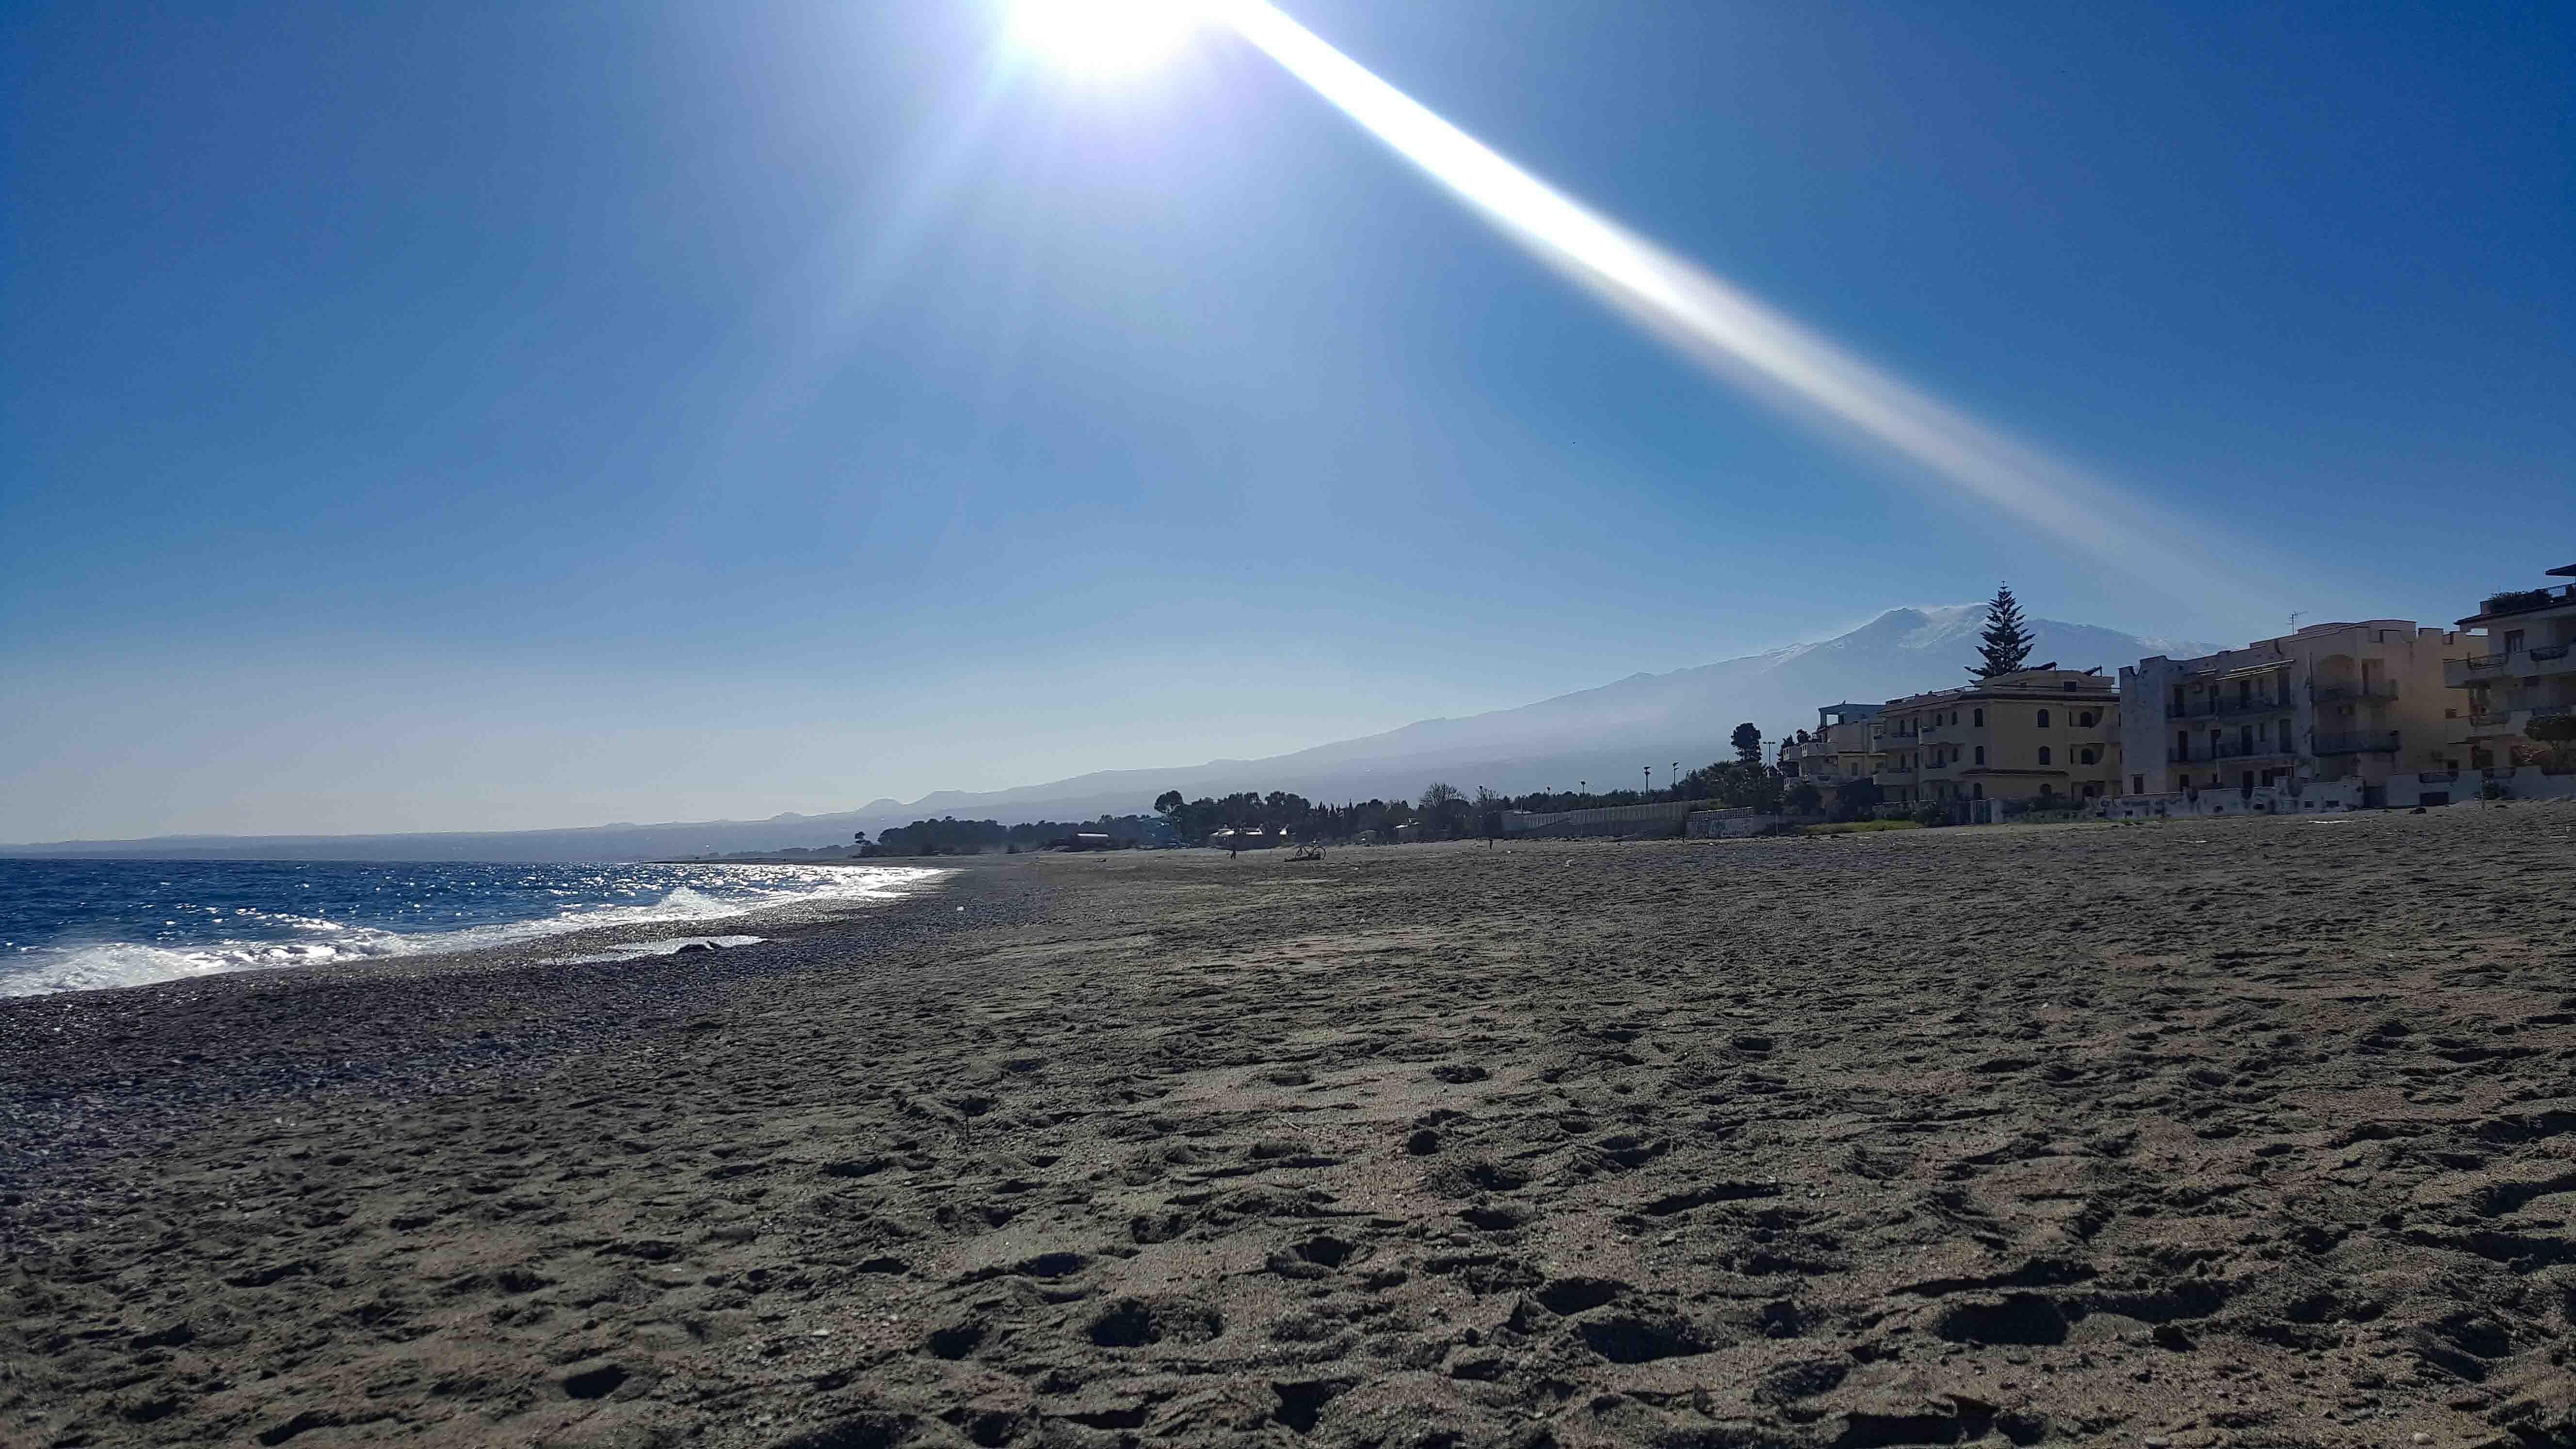 пляж зимой-весной, много солнца, мало народу